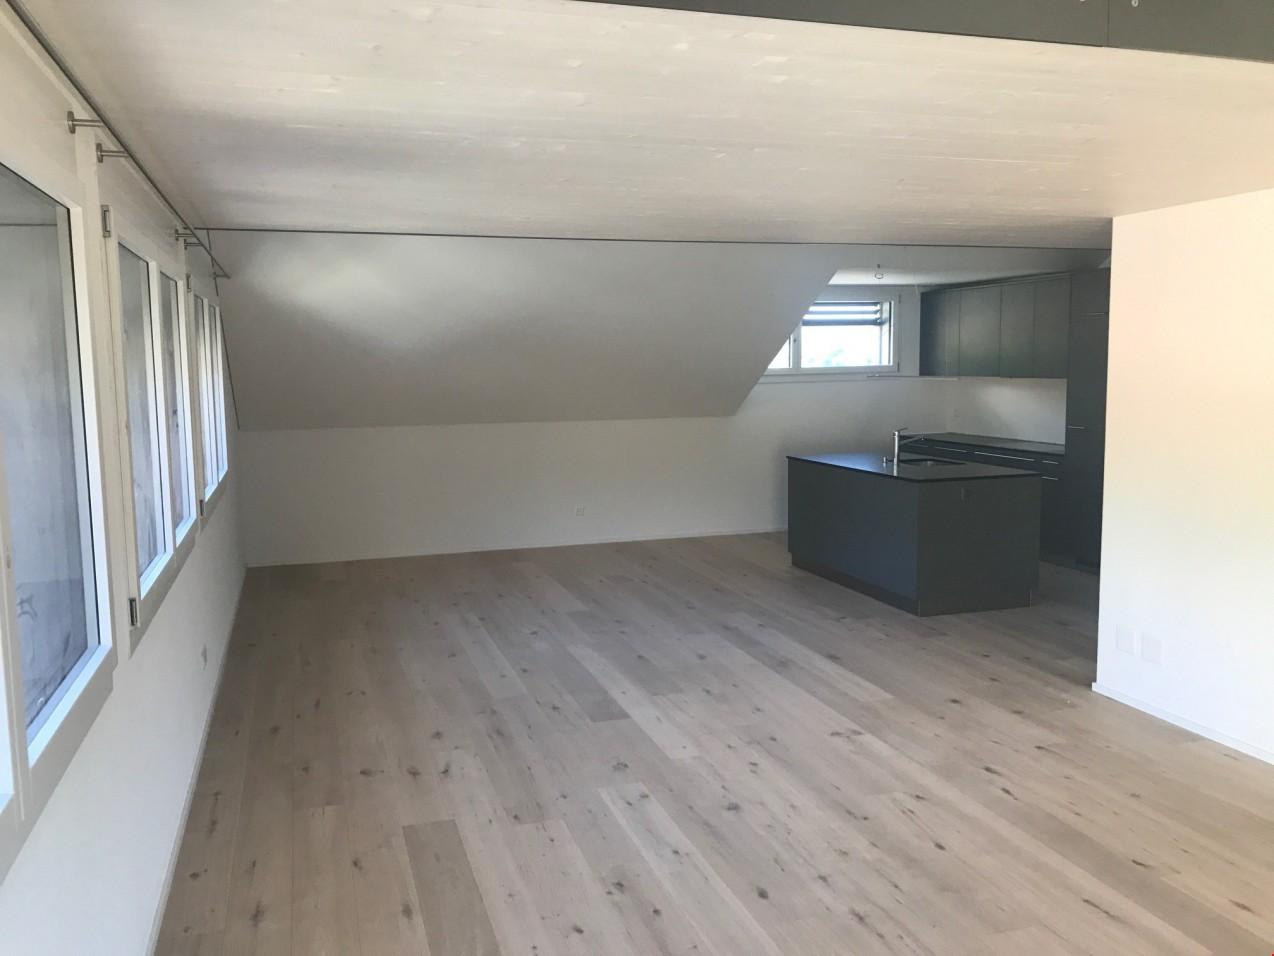 Erstvermietung - Ihr neues Zuhause in Wimmis! - ImmoScout24